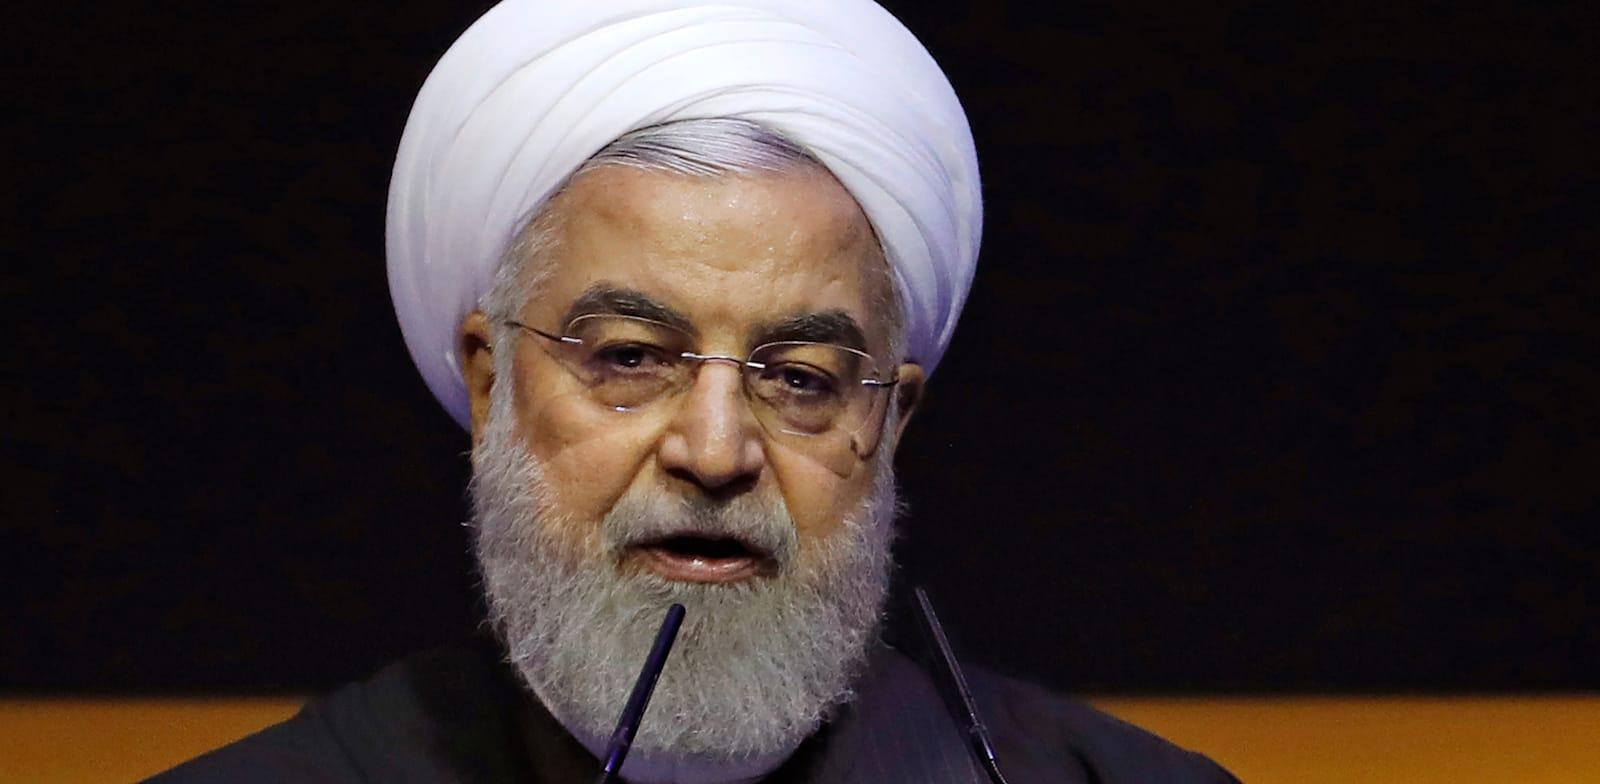 נשיא איראן חסן רוחאני. משחקי חתול ועכבר עם הרשויות האמריקאיות / צילום: Lai Seng Sin